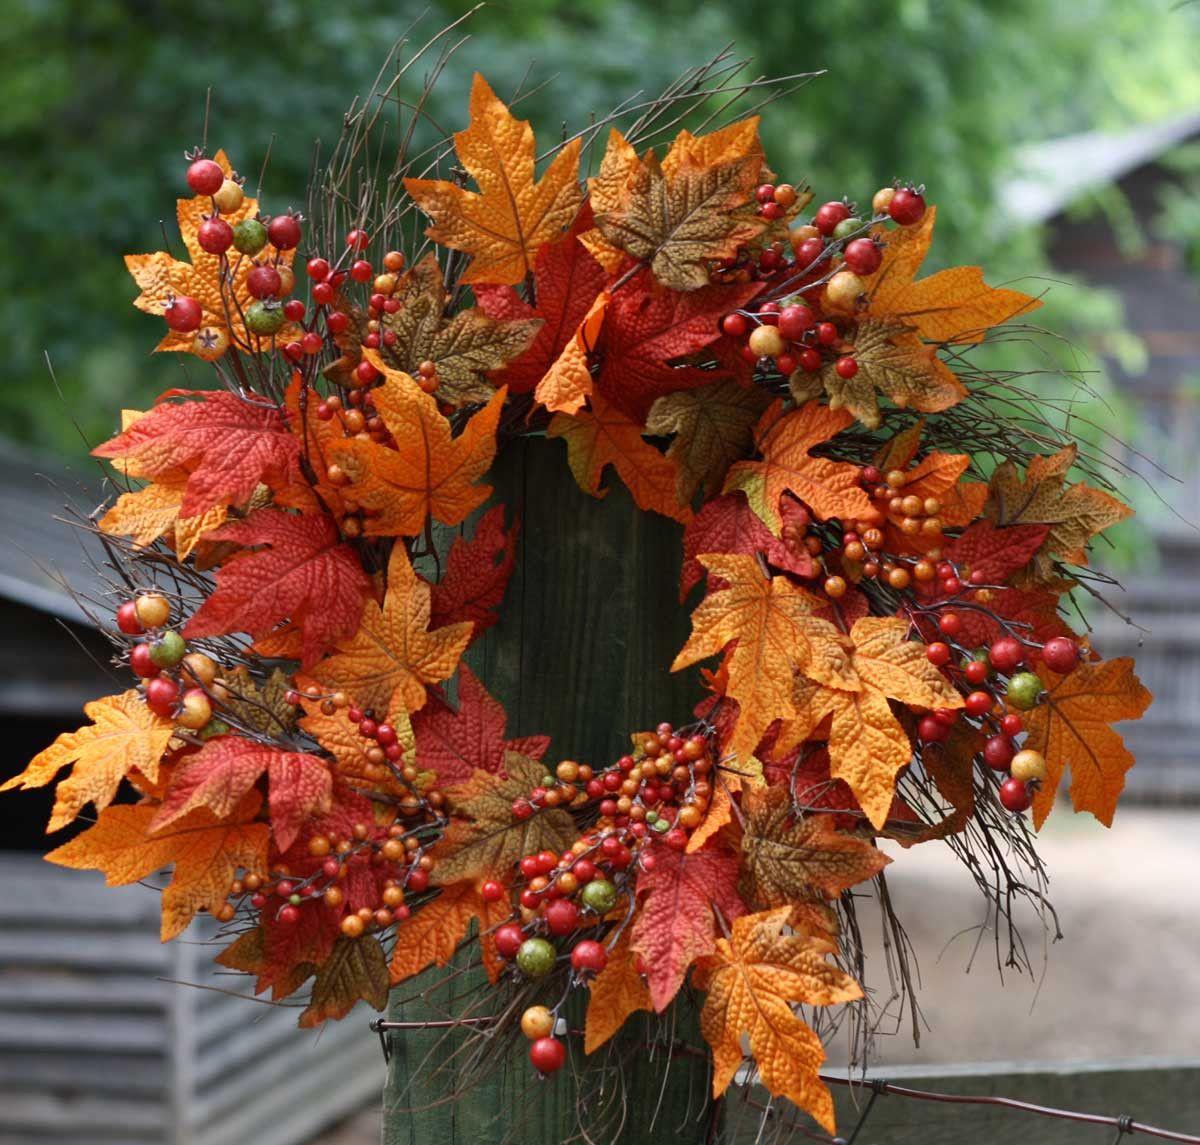 autumn berry wreath 22 autumn cozy fall dekoideen herbst herbst t rkr nze